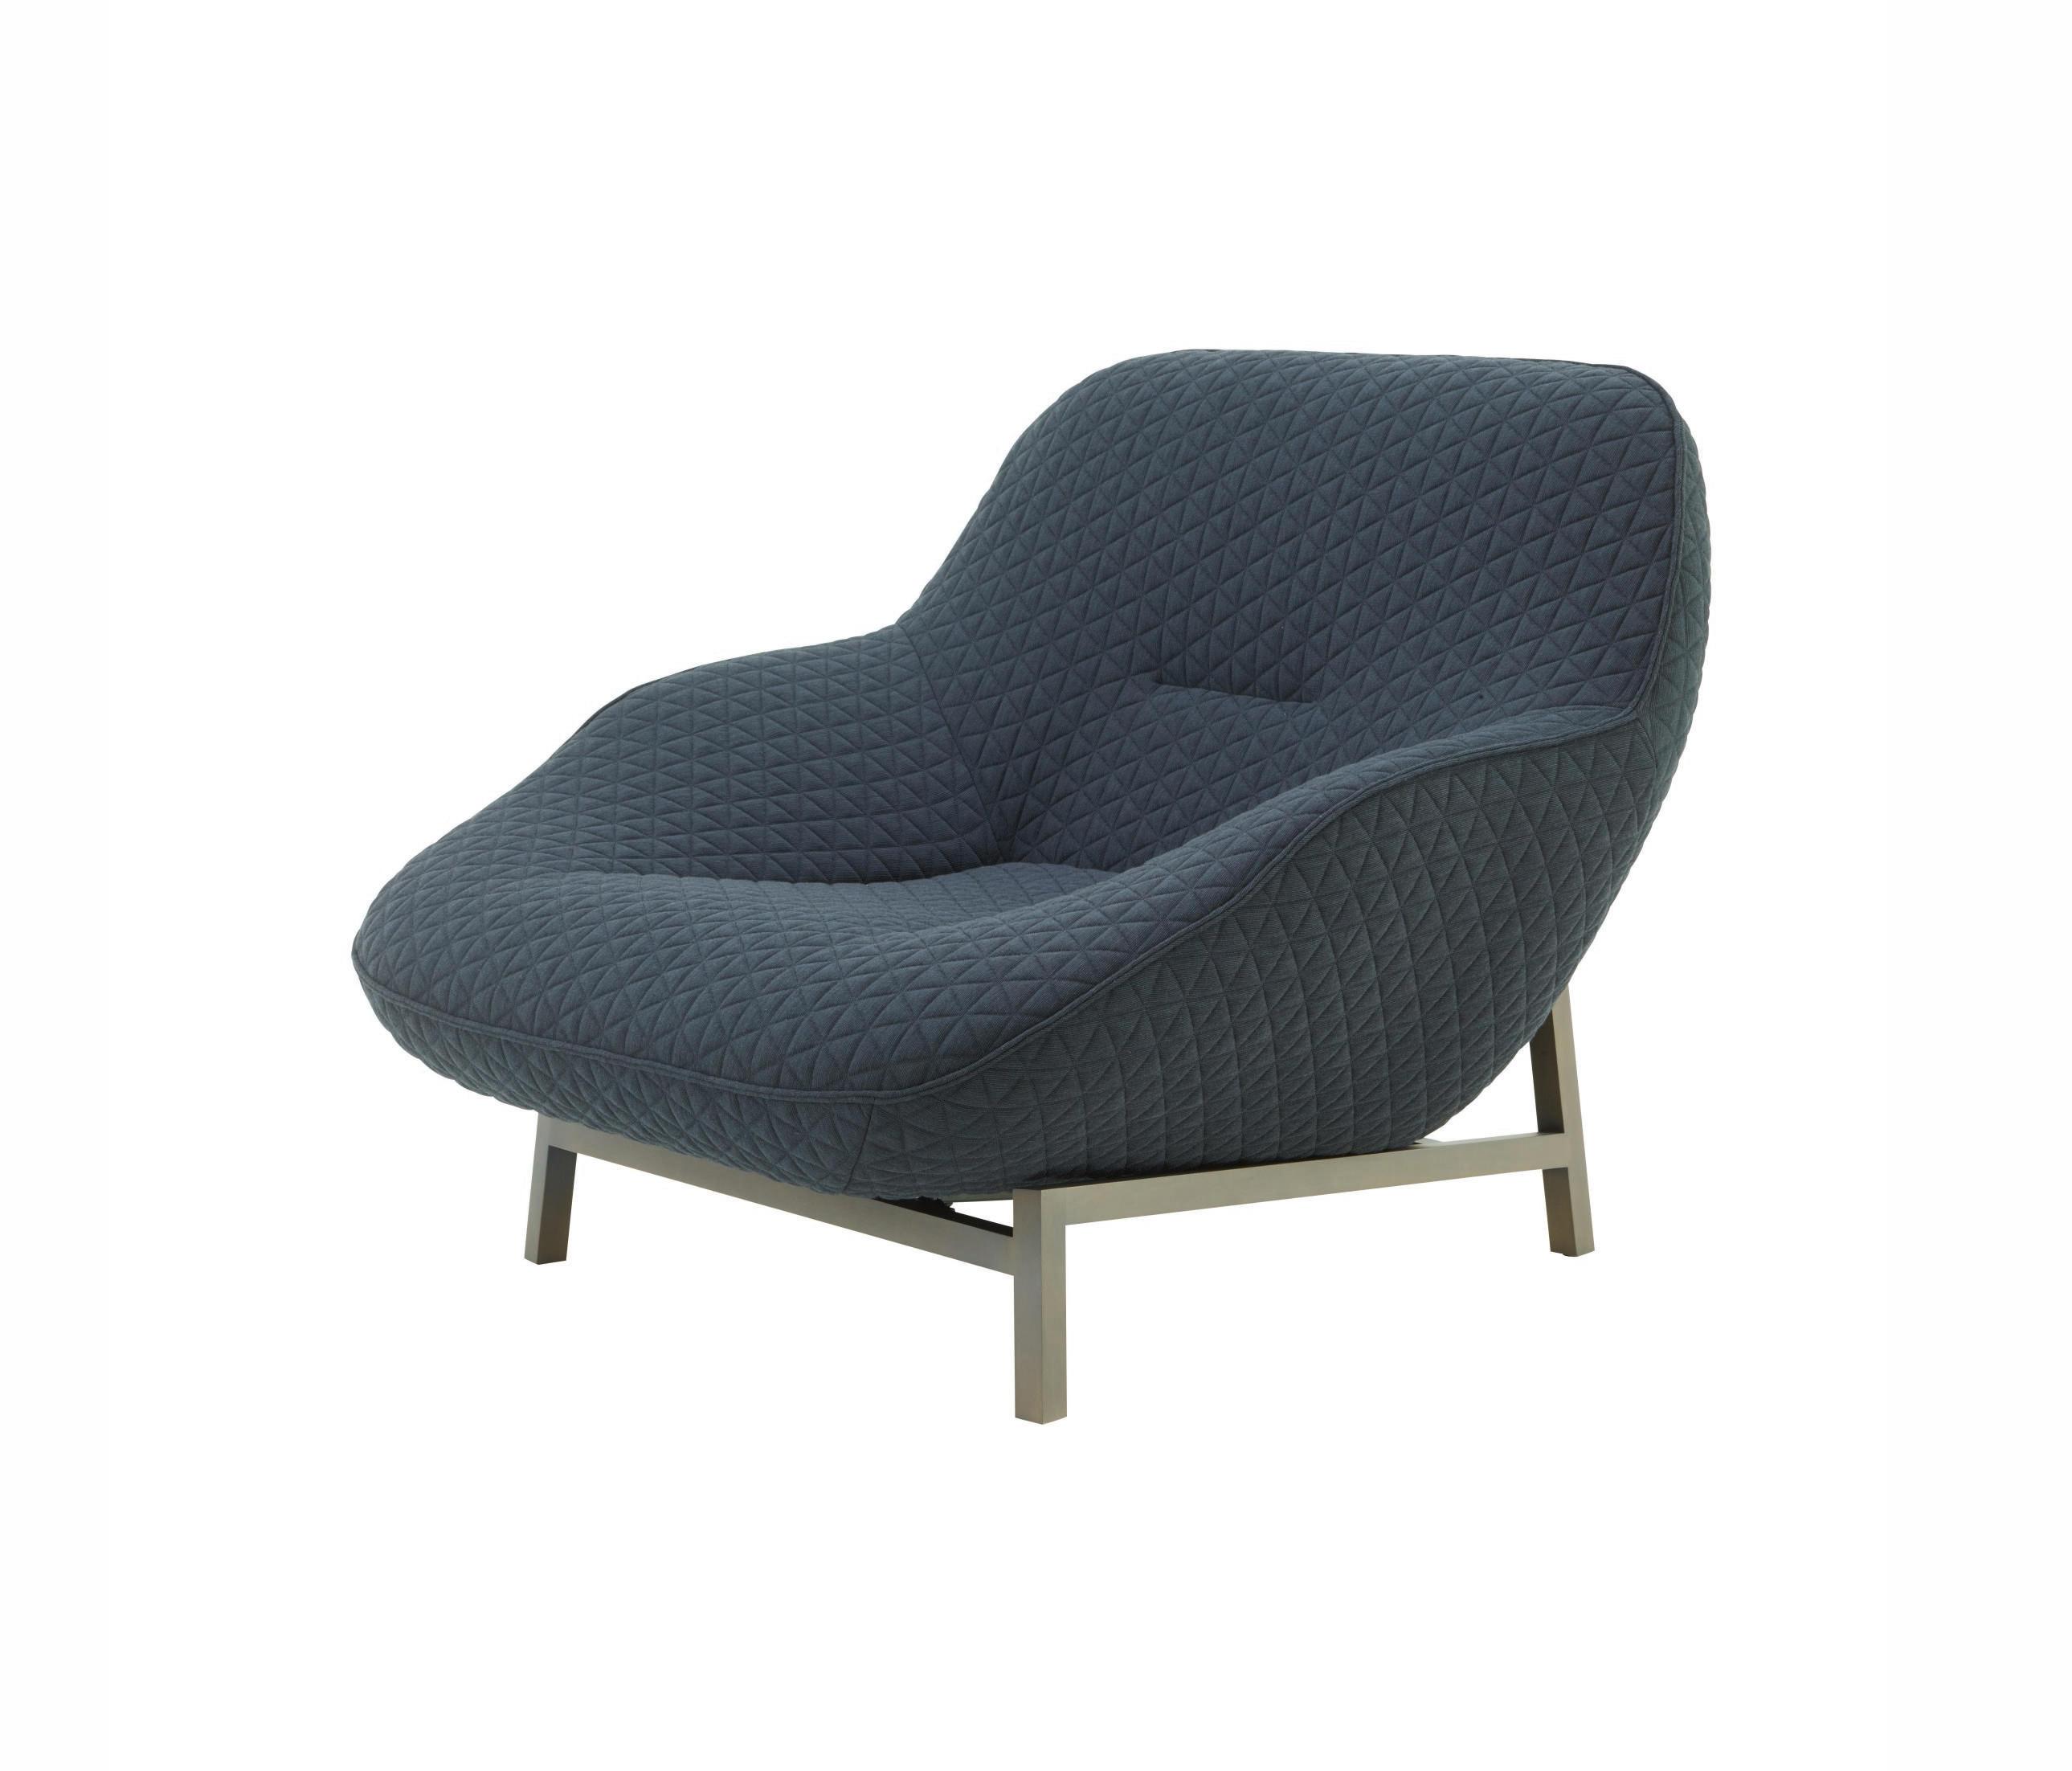 cosse sessel mit armlehnen sessel von ligne roset. Black Bedroom Furniture Sets. Home Design Ideas